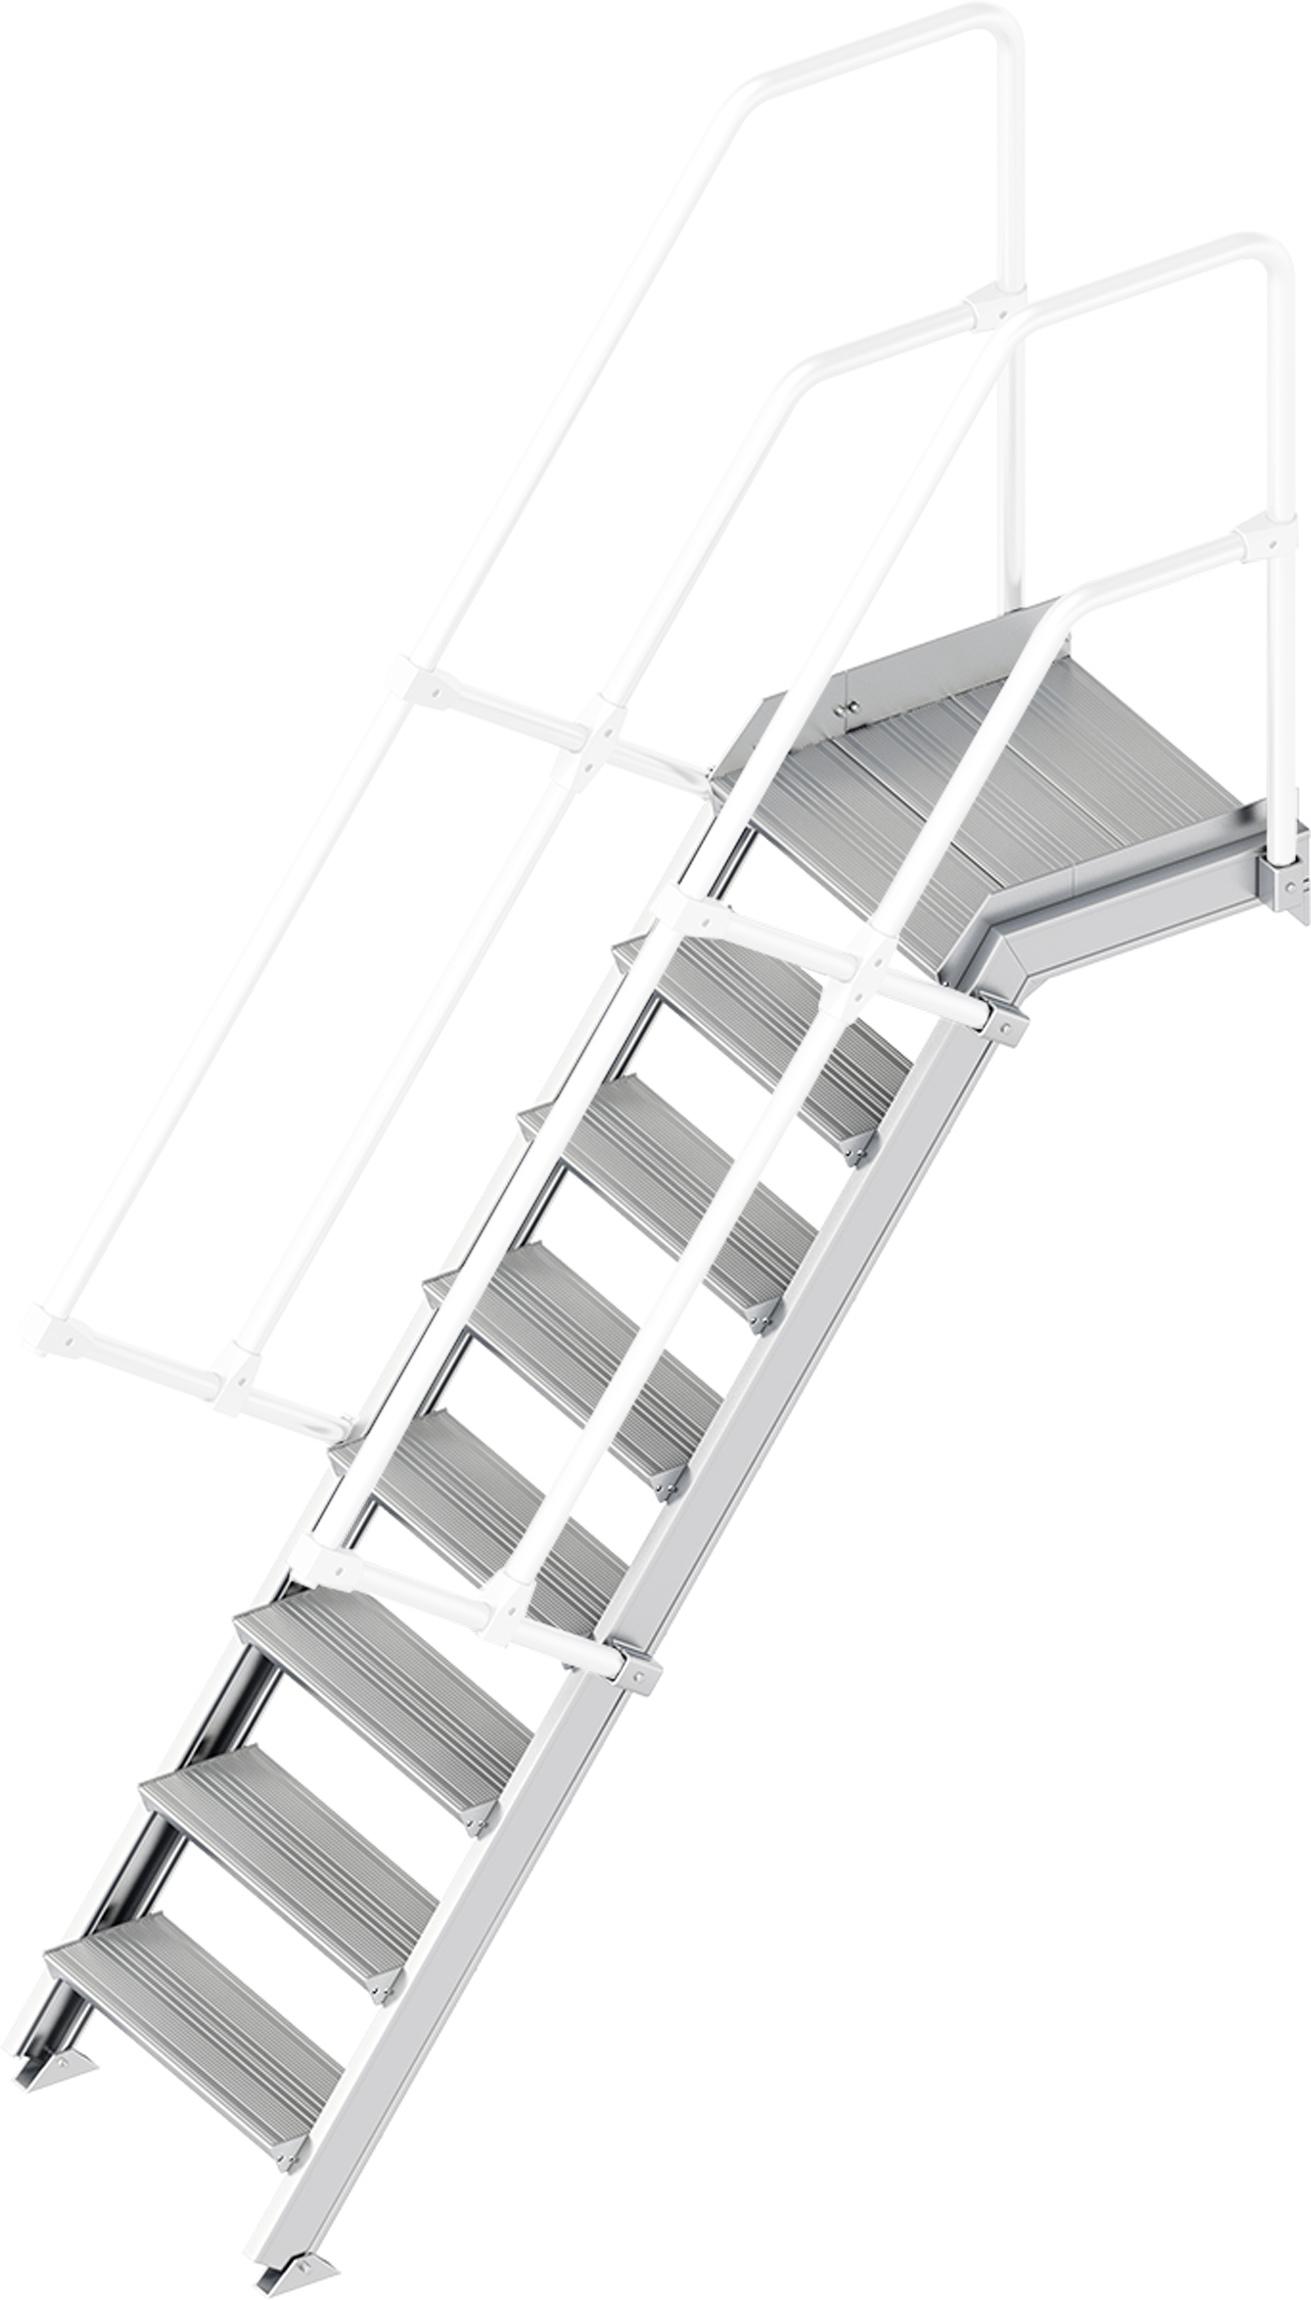 Layher Plattformtreppe 55° 8 Stufen - 600 mm breit